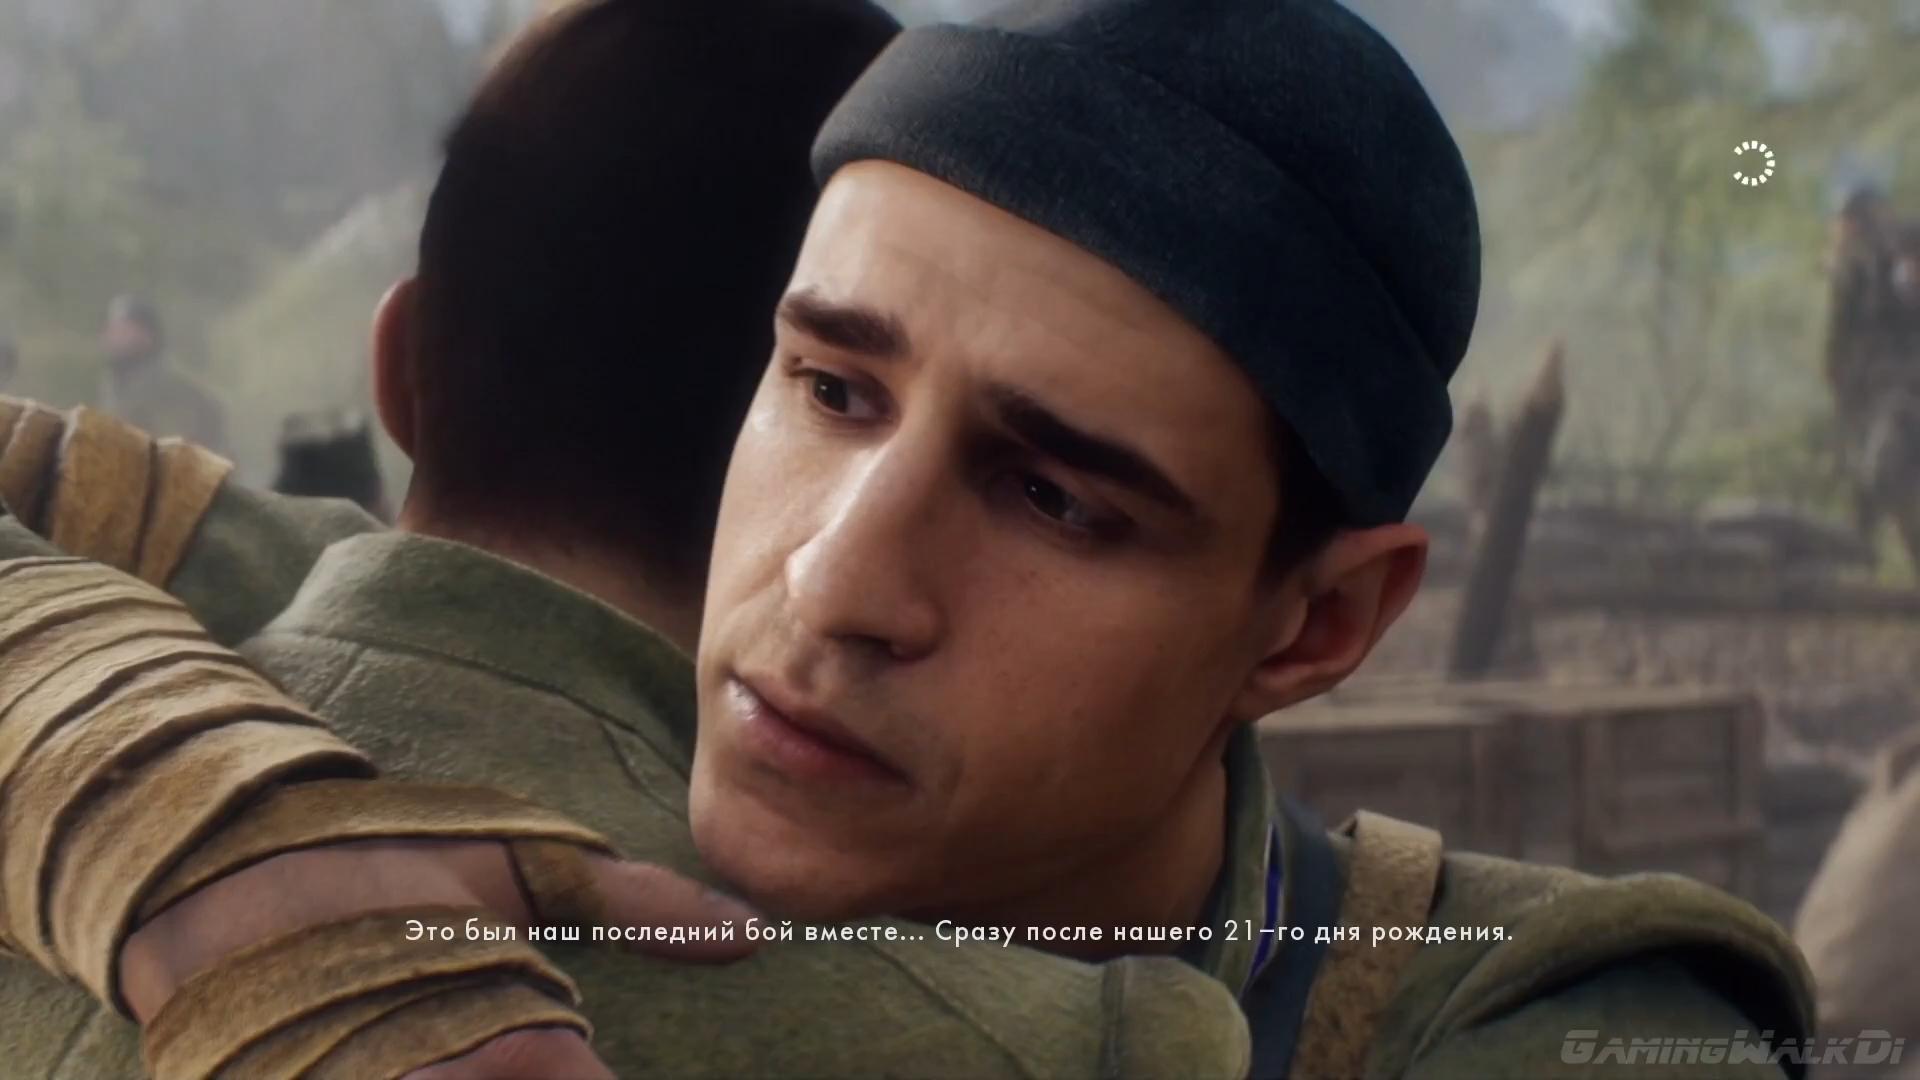 Battlefield.1.2016.D.WEBRip.1080p.mp4_snapshot_00.53.07_[2016.10.24_15.26.07].png